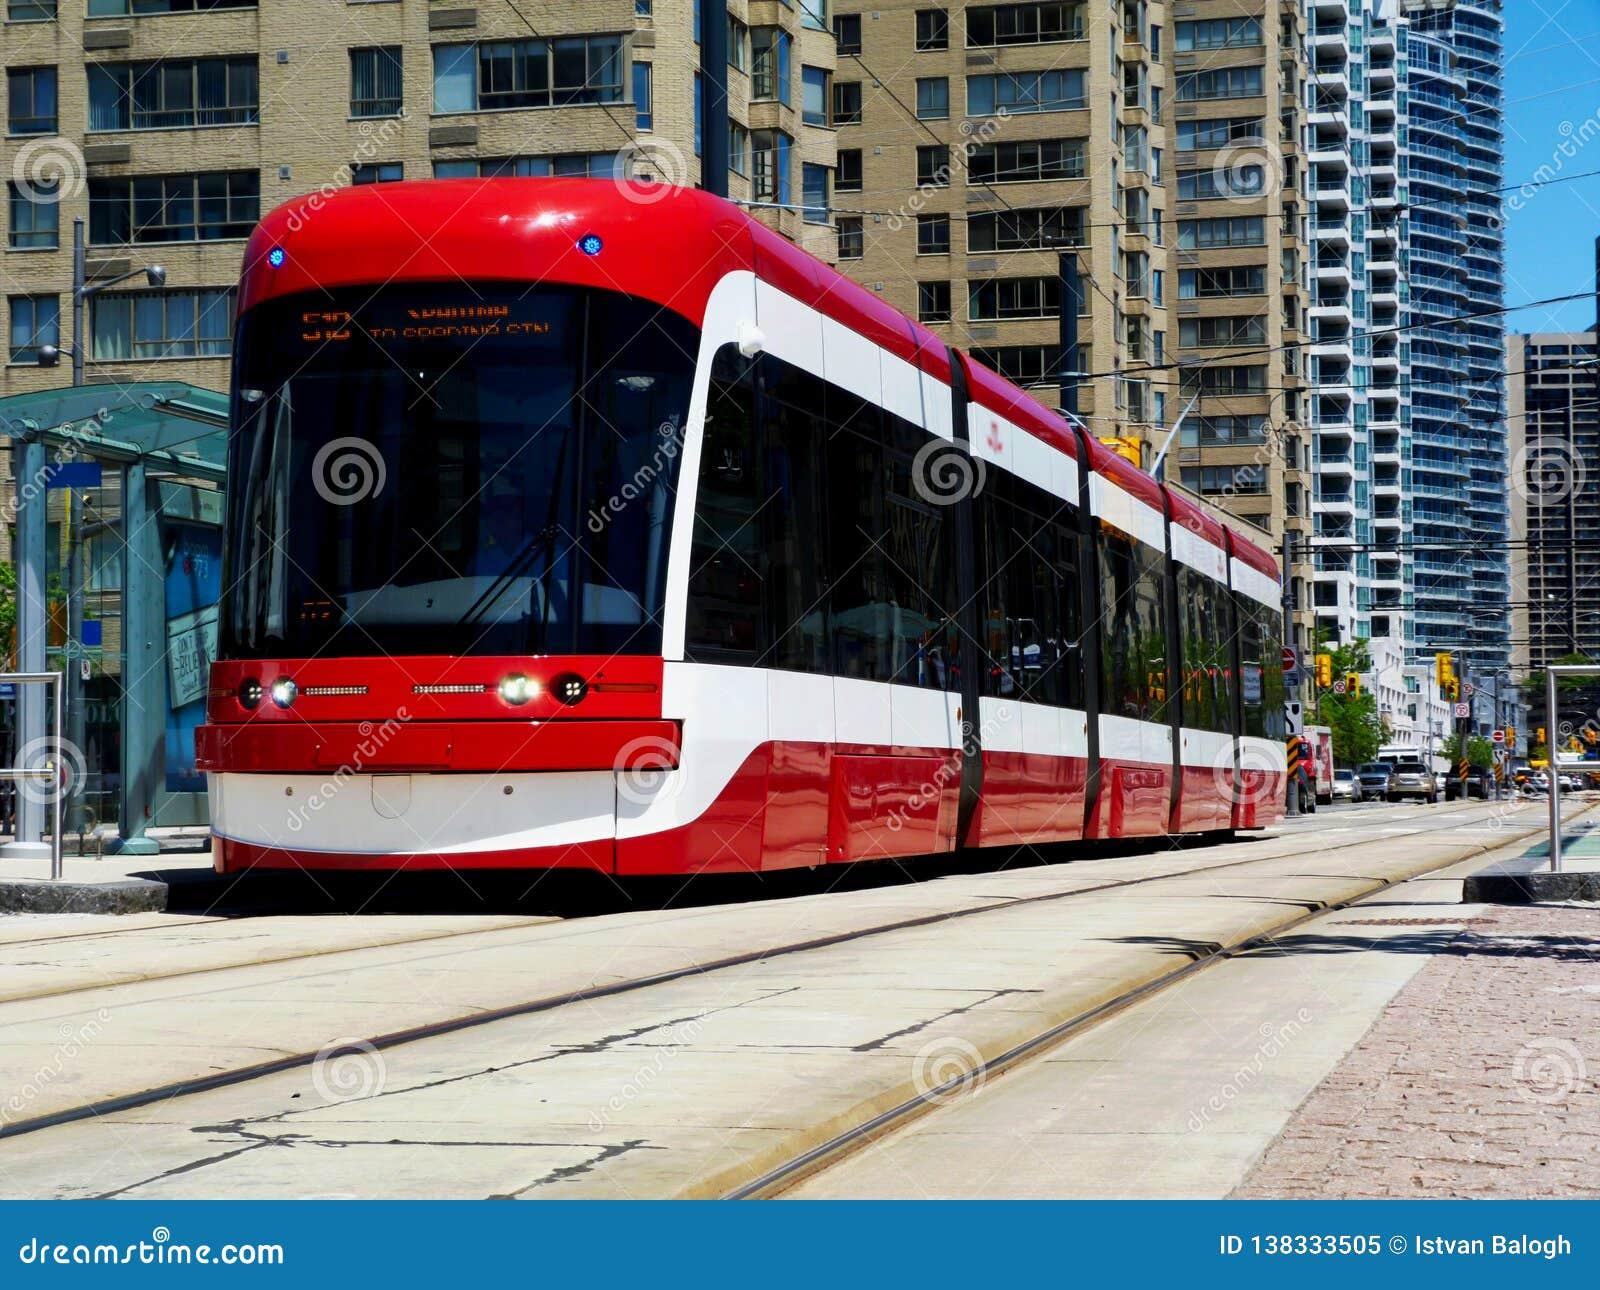 Rode tram in Toronto met concrete flats